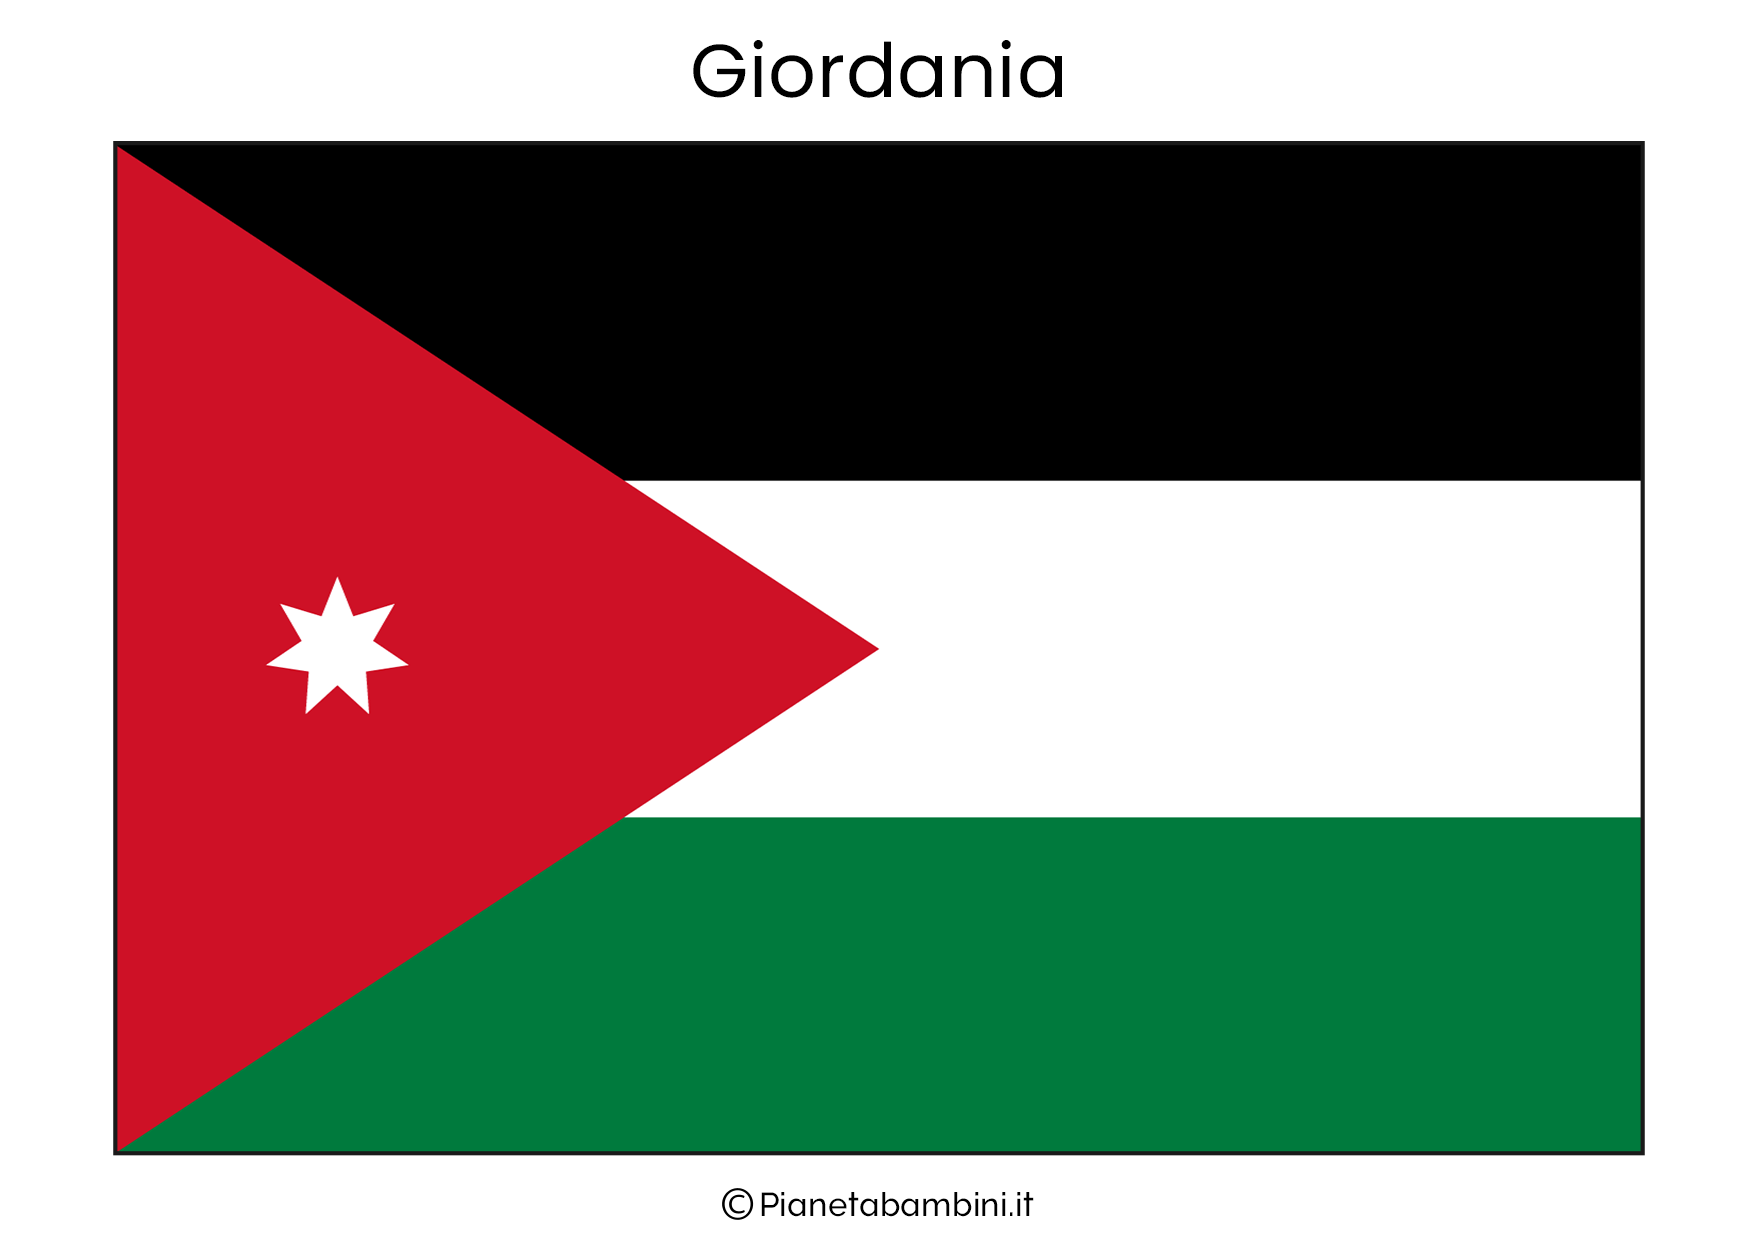 Bandiera della Giordania da stampare